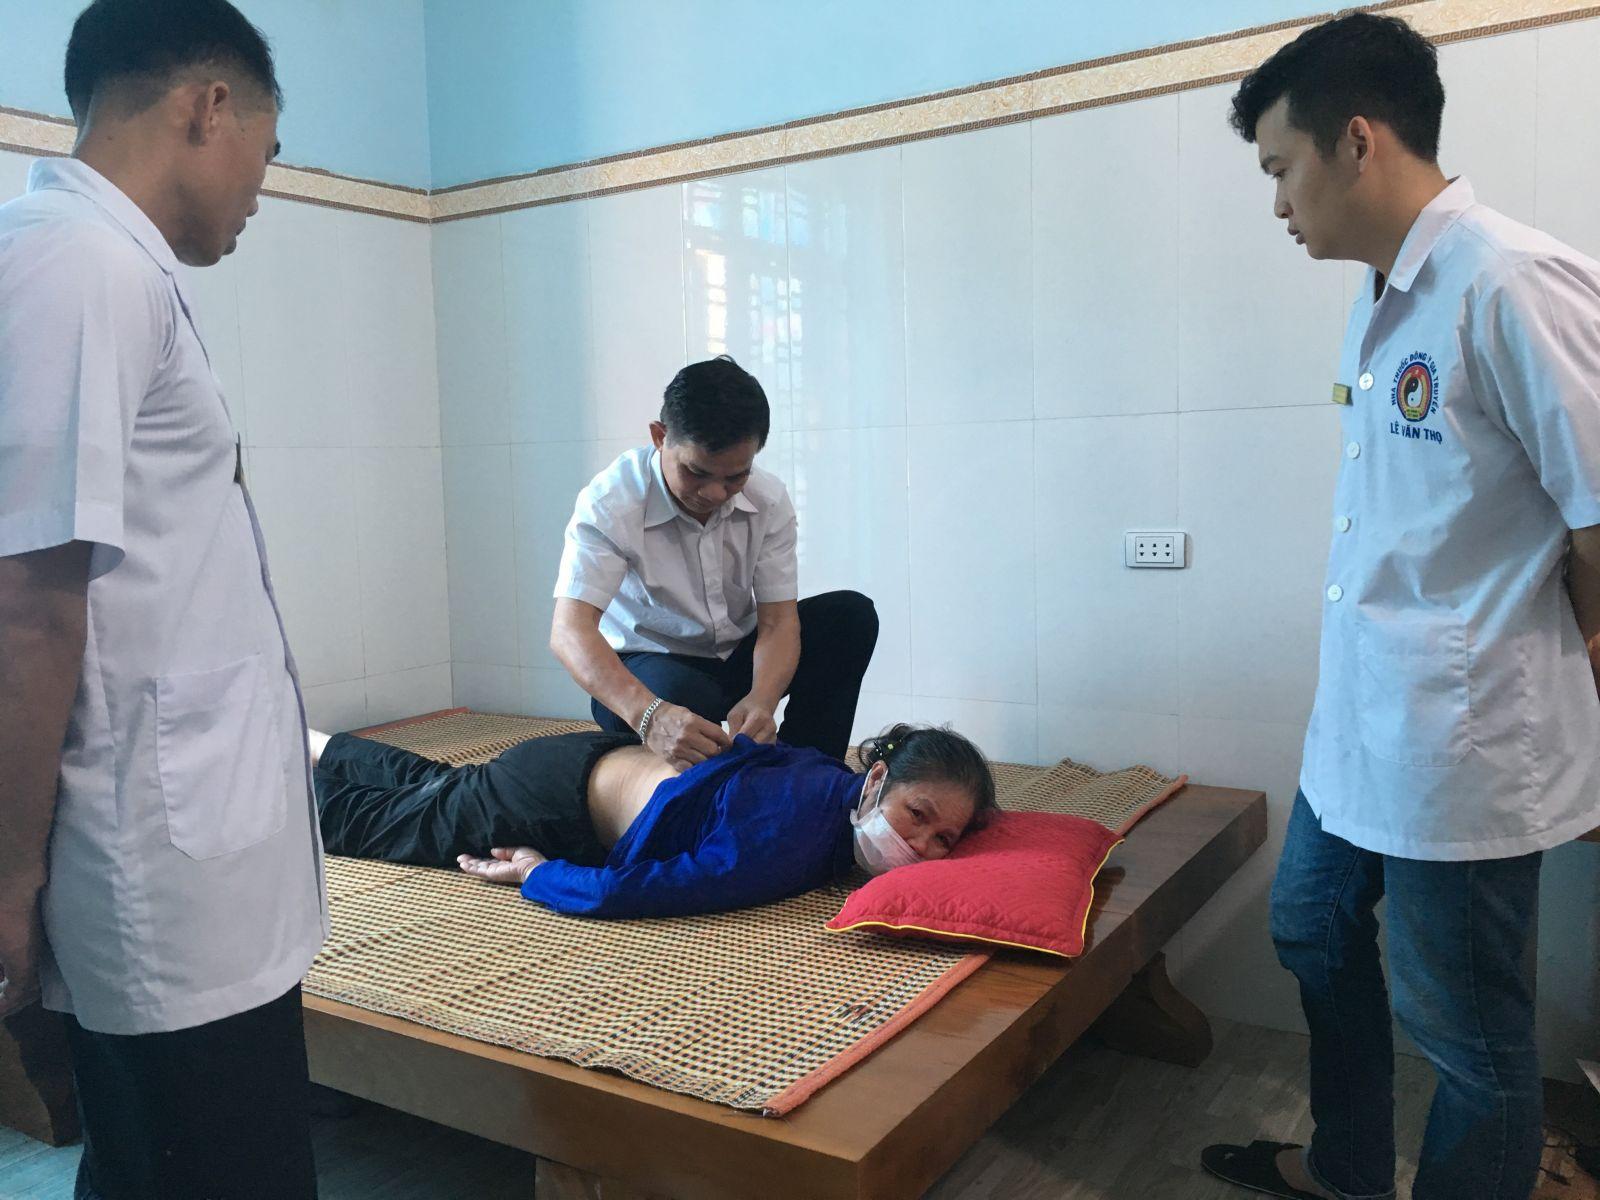 Báo Vietnamhoinhap.vn đã chia sẻ: Lương y Lê Văn Thọ - Bàn tay vàng chuyên chữa trị bệnh xương khớp.